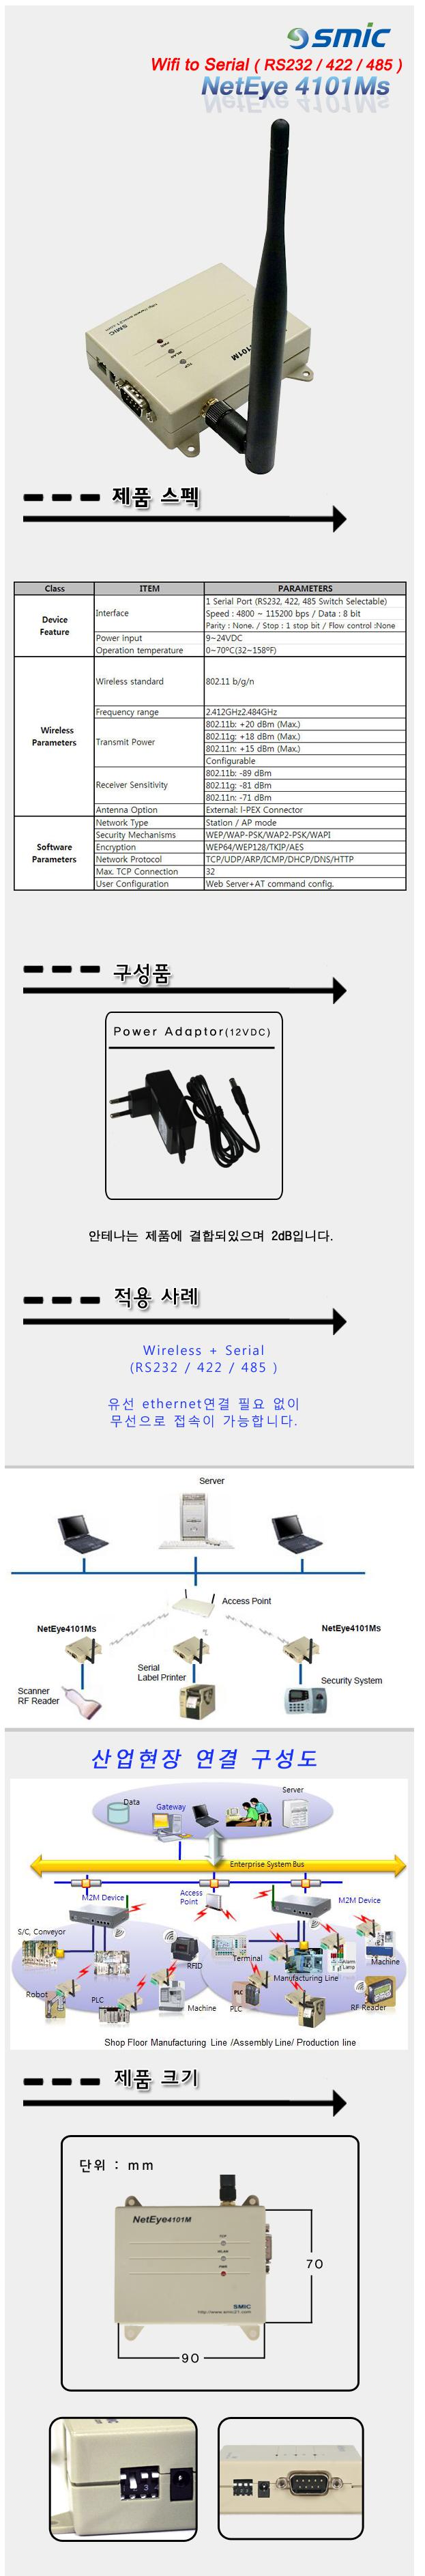 (주)신명정보통신  NetEye 4101Ms (V4)